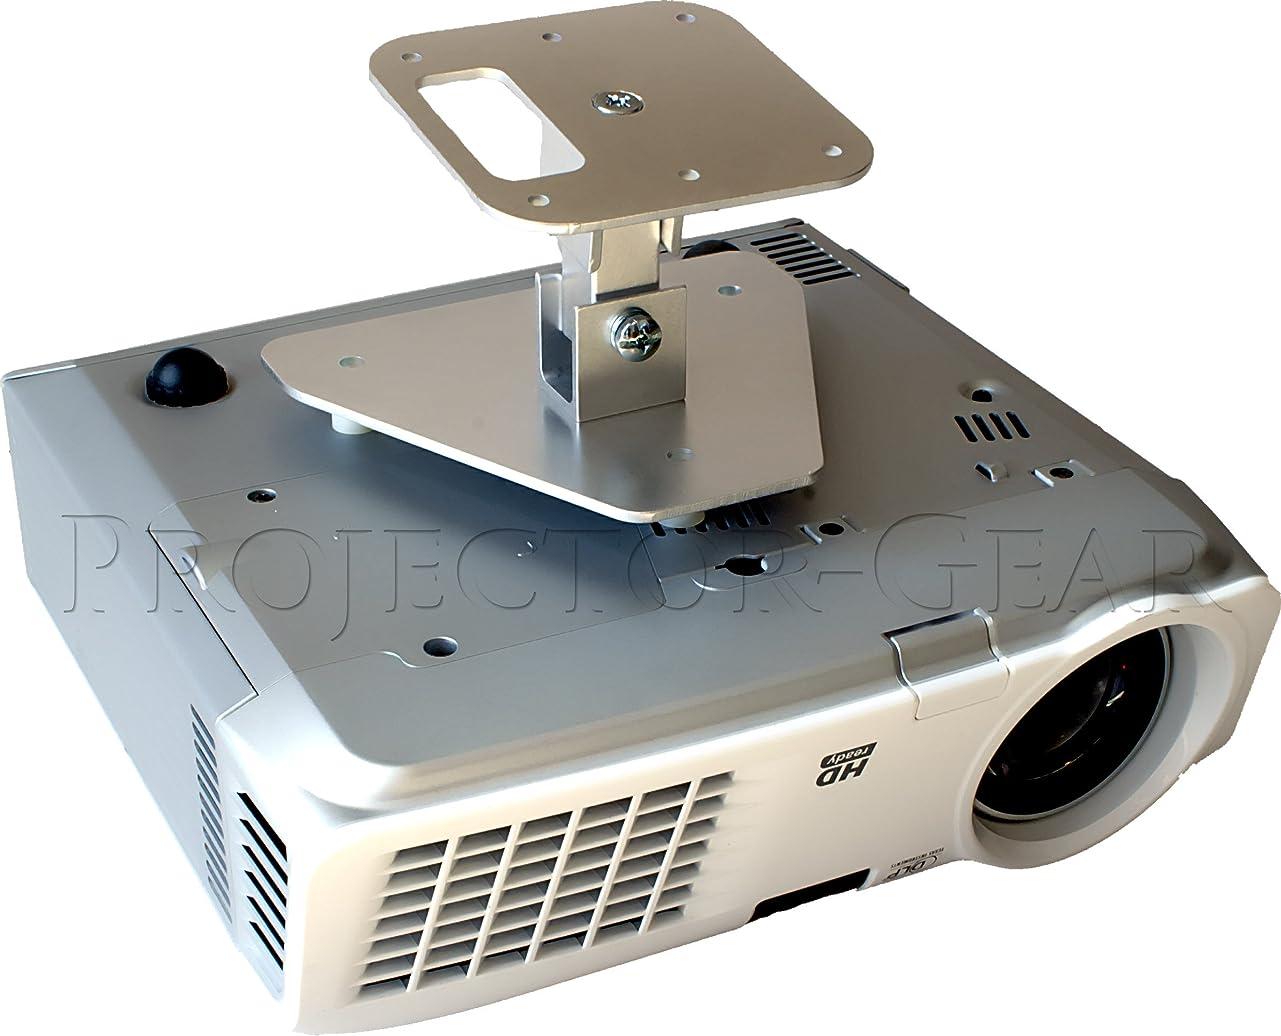 地下ジャンプ胆嚢projector-gearプロジェクタ天井マウントfor Acer k330